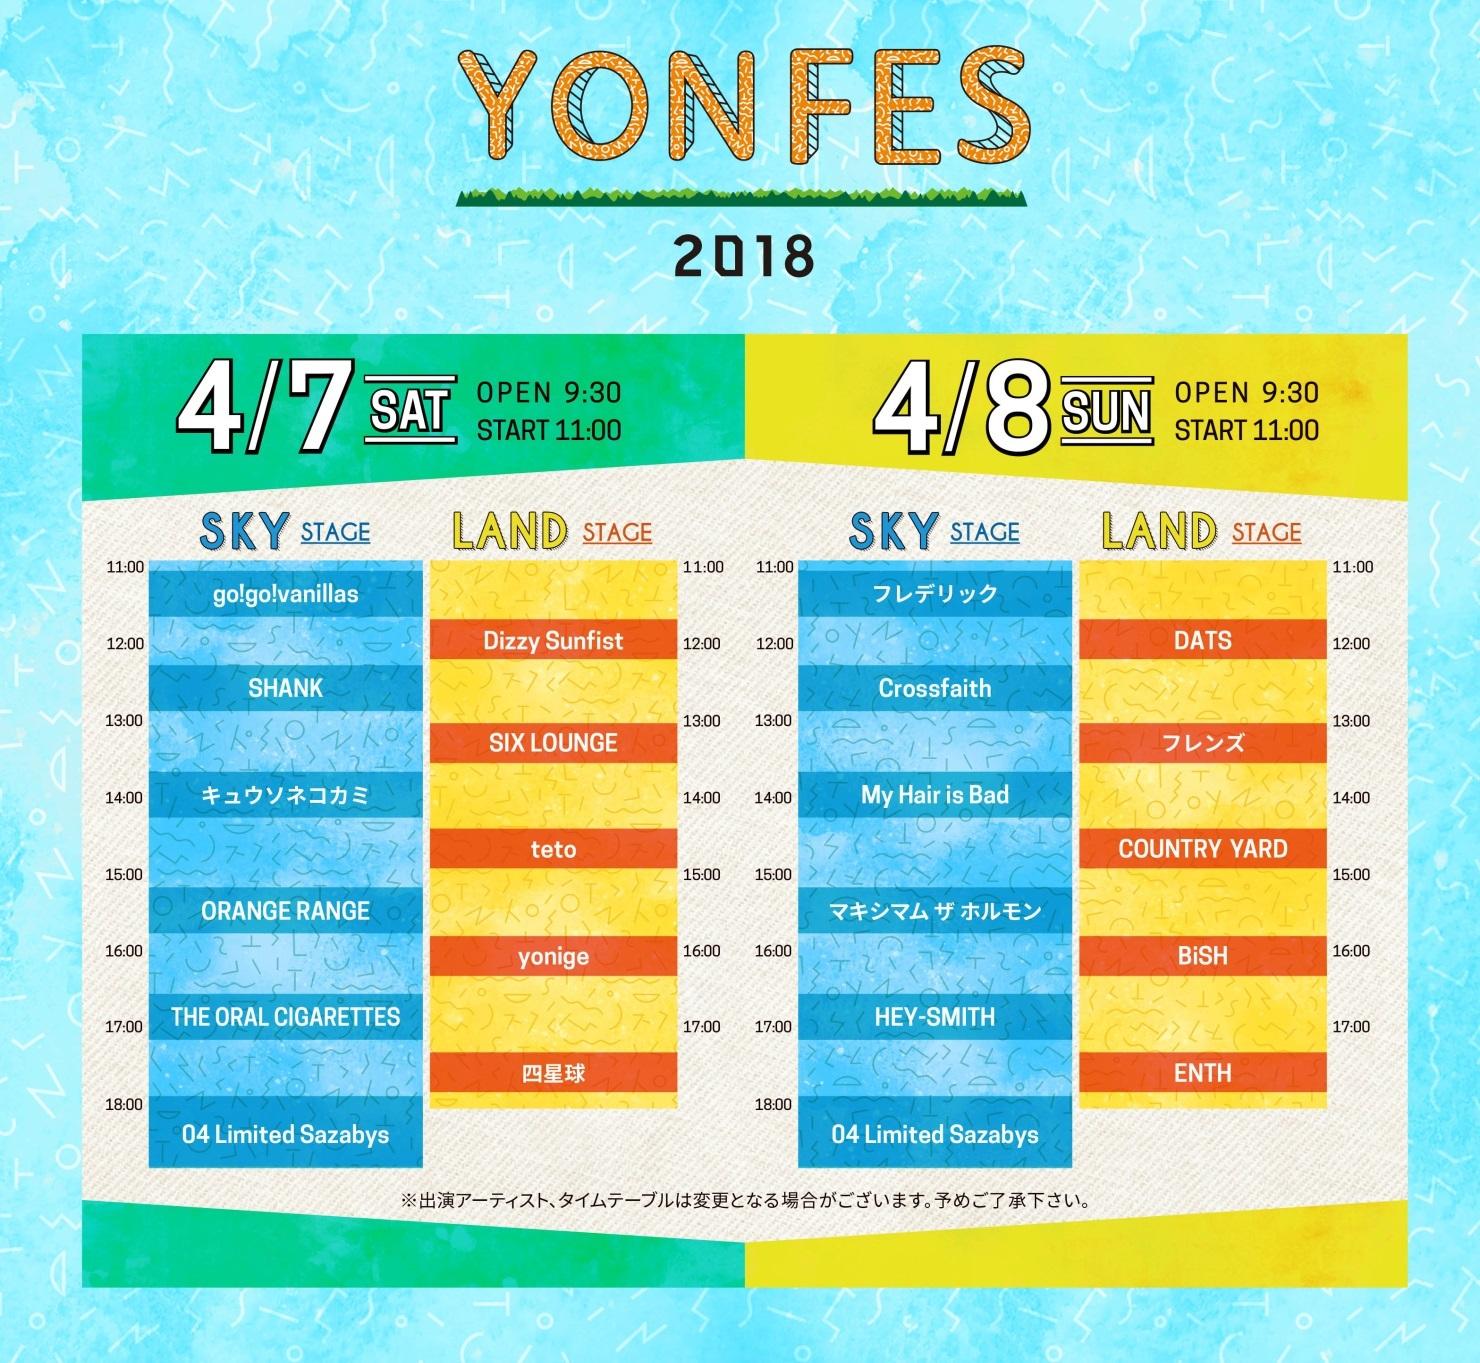 YON FES 2018タイムテーブル